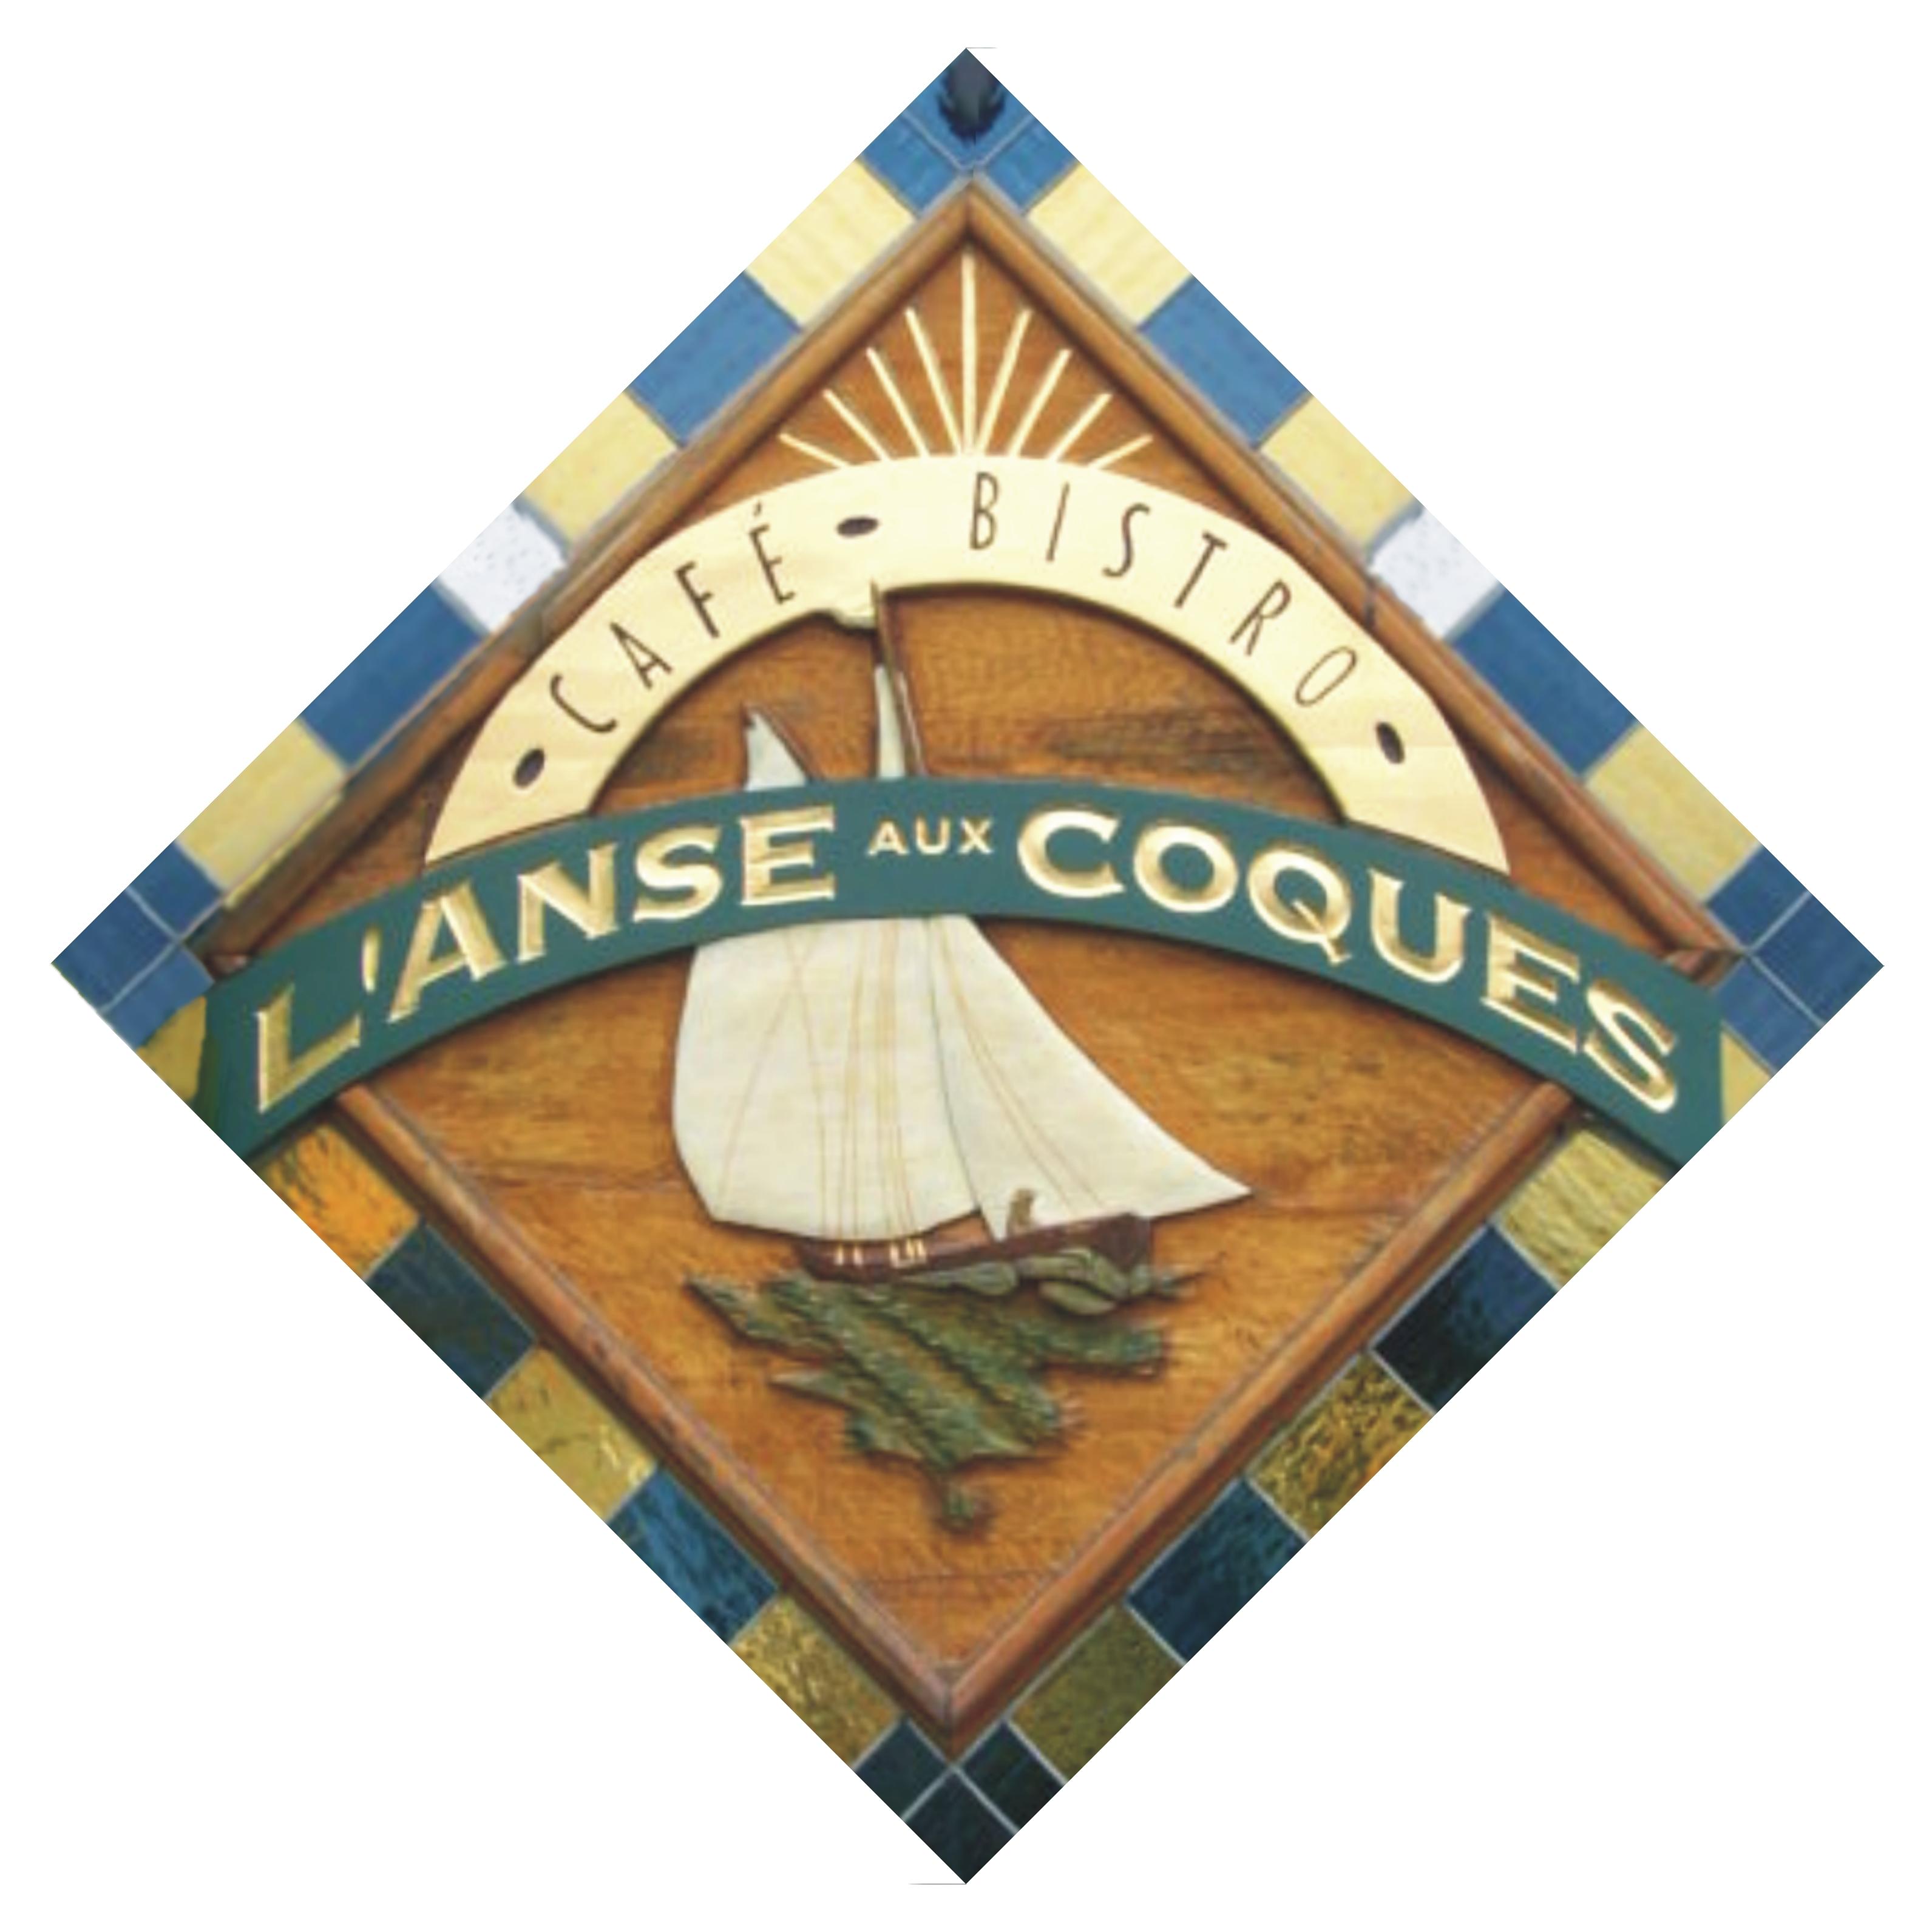 Café Bistro L'Anse-aux-coques